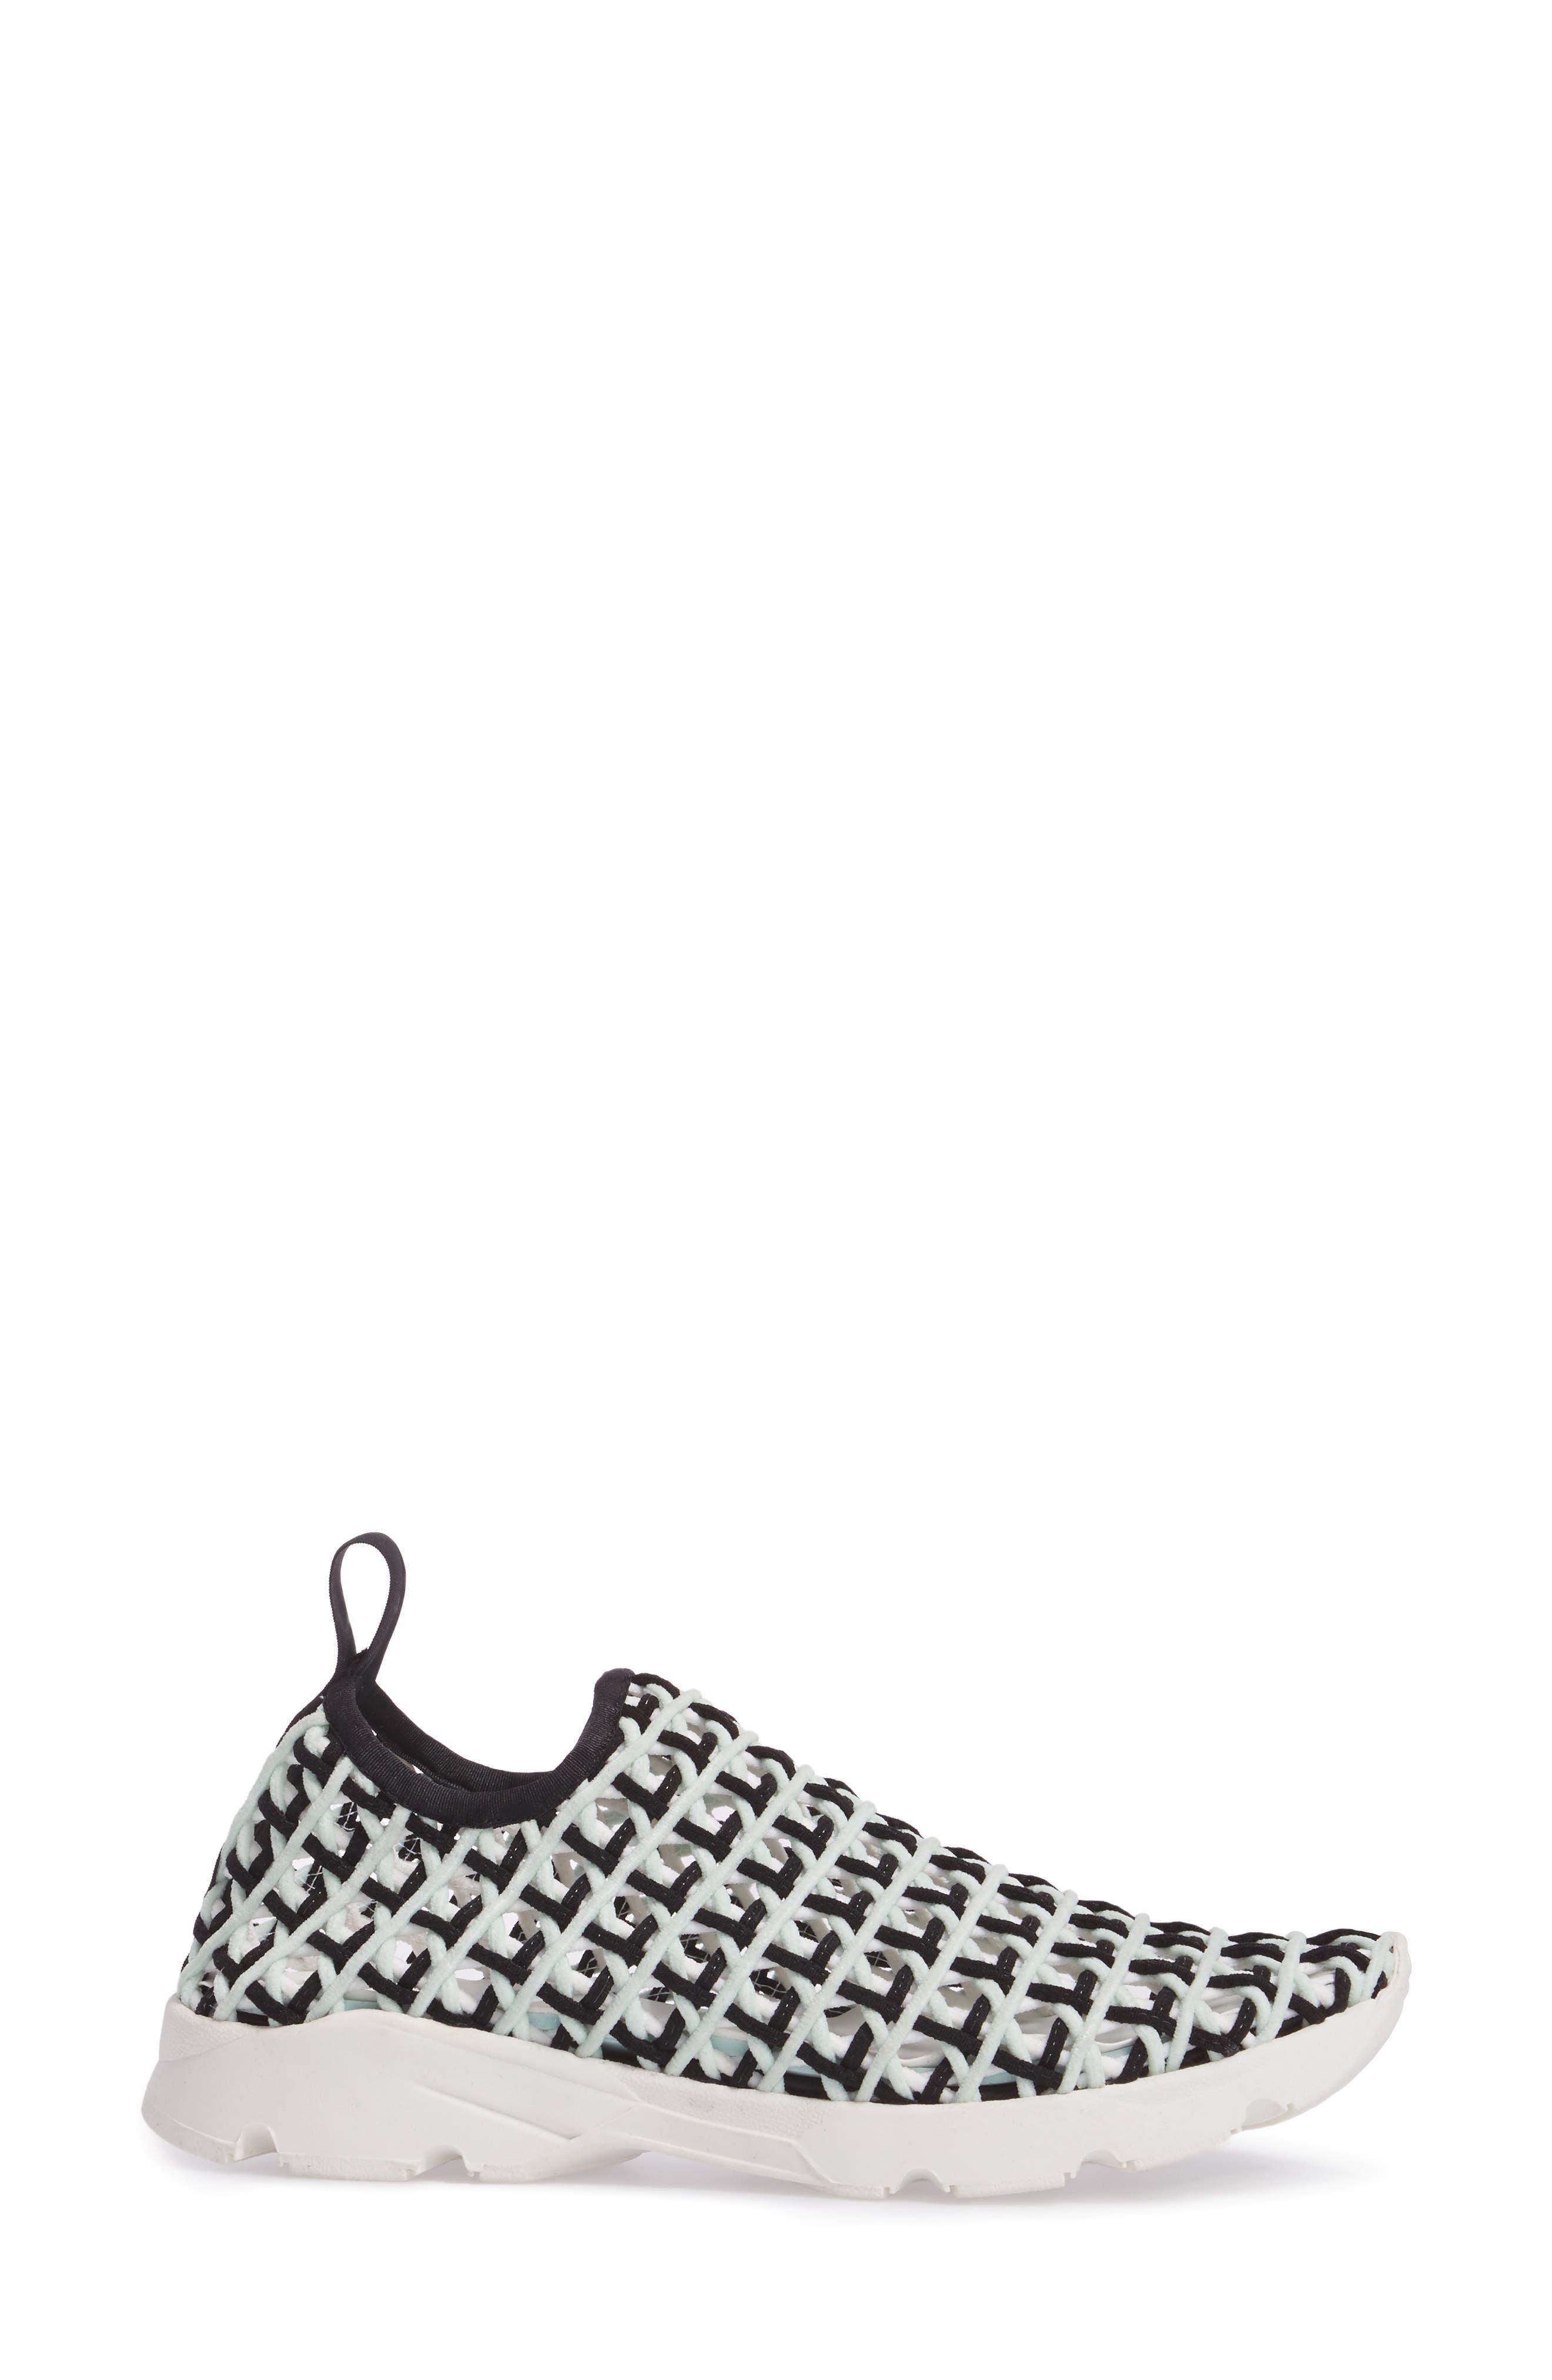 Alternate Image 3  - Tony Bianco Willow Open Knit Sneaker (Women)